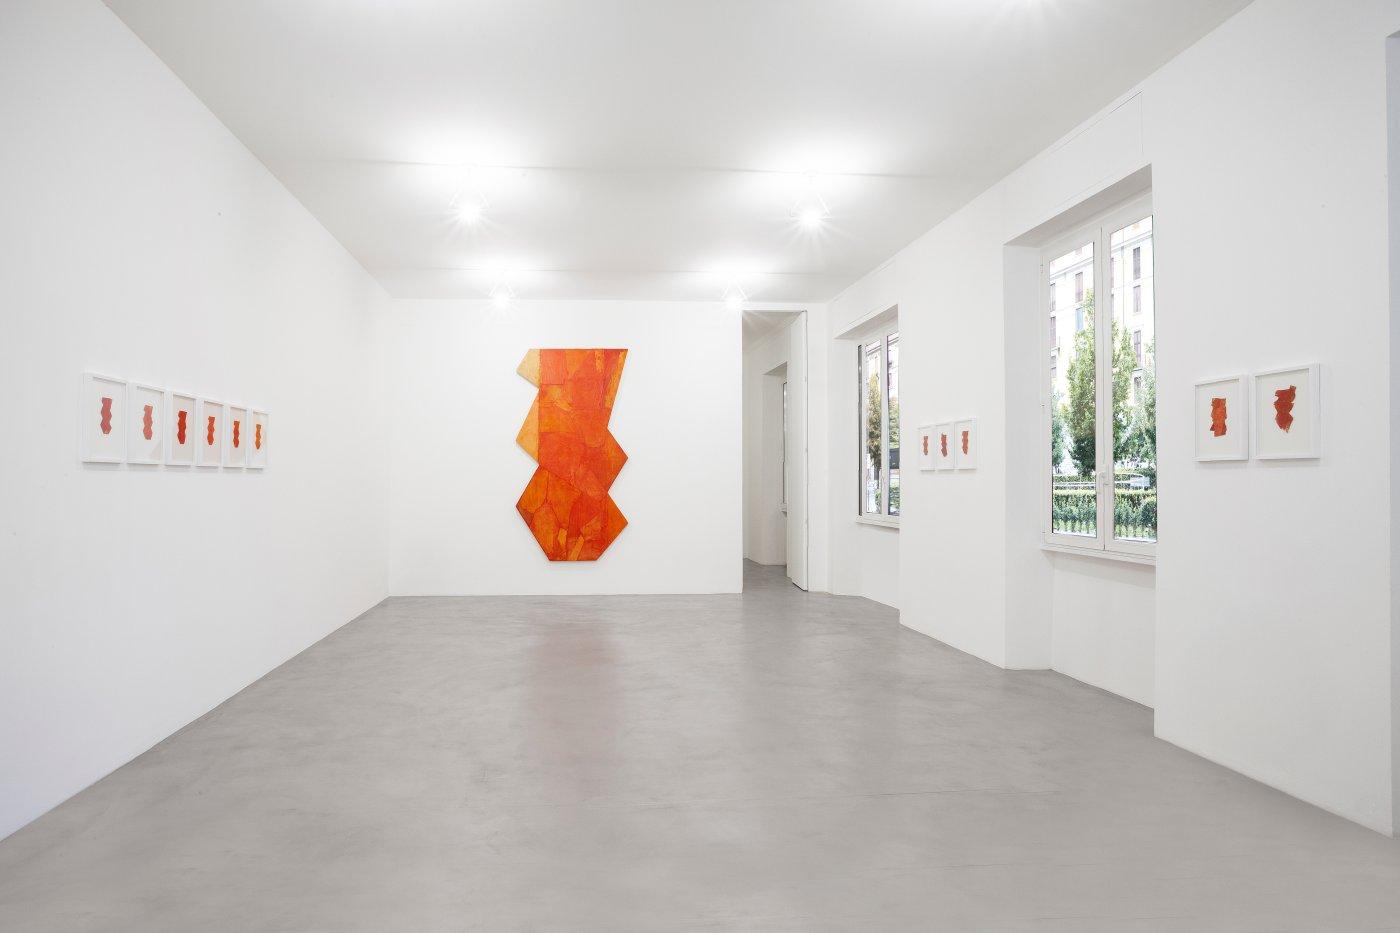 A Arte Invernizzi Rodolfo Arico 2